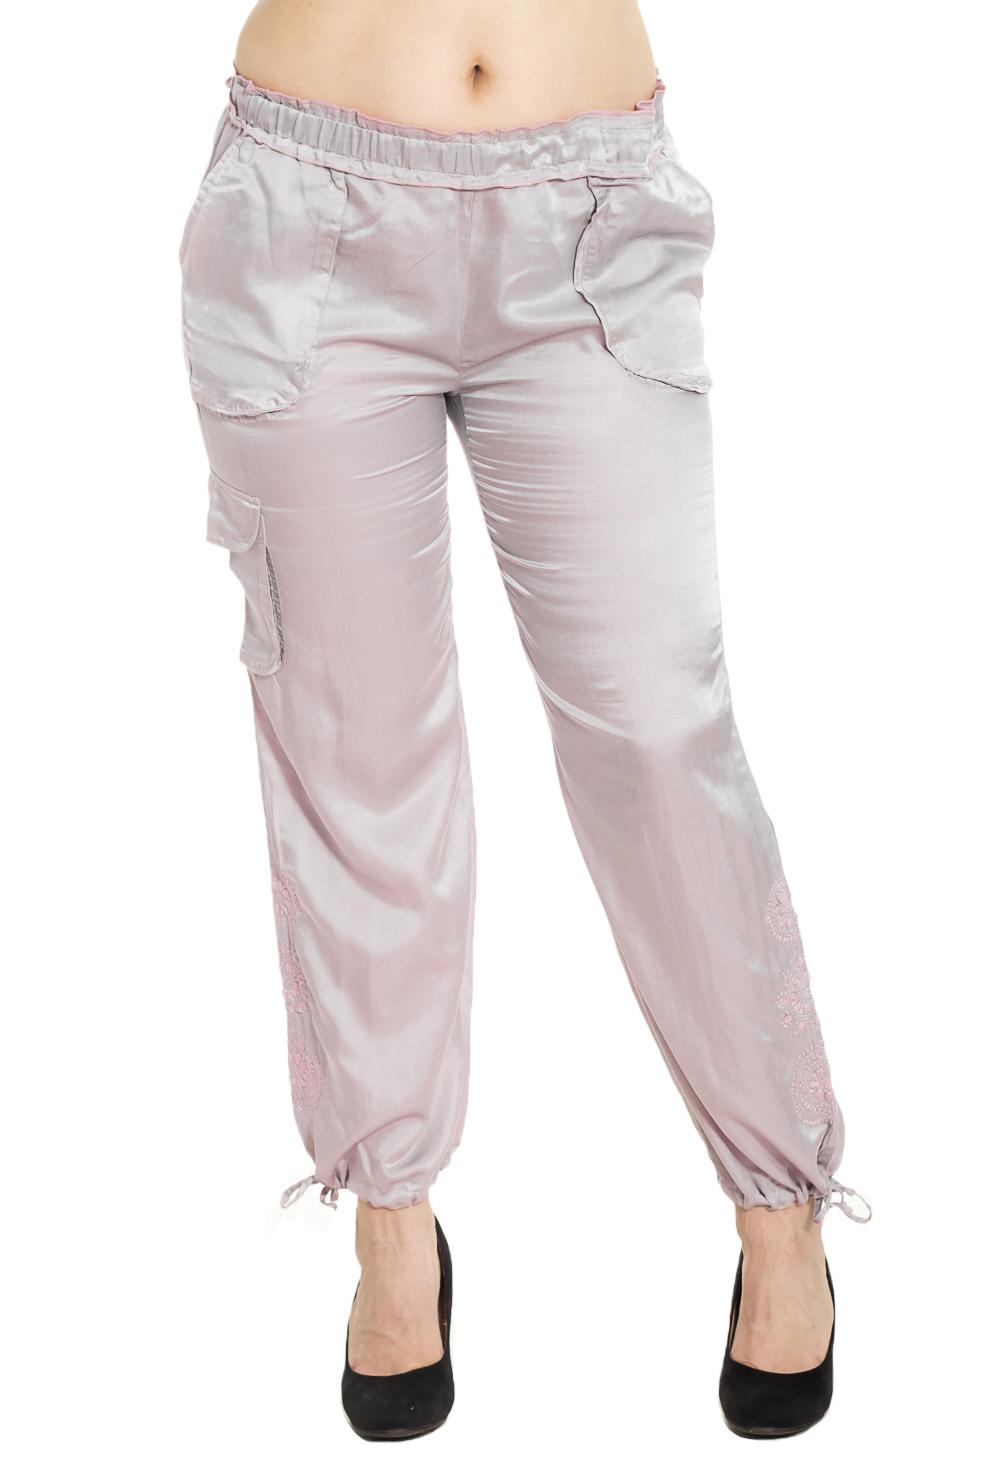 БрюкиБрюки<br>Универсальные брюки из приятного материала. Отличный выбор для повседневного гардероба.  Цвет: серо-розовый  Рост девушки-фотомодели 180 см.<br><br>По длине: Удлиненные<br>По материалу: Шелк<br>По образу: Город,Свидание<br>По рисунку: Однотонные<br>По силуэту: Полуприталенные<br>По стилю: Повседневный стиль<br>По элементам: С карманами,С резинкой<br>По сезону: Лето<br>Размер : 44,46,48,50,54,60,64,68<br>Материал: Шелк<br>Количество в наличии: 21